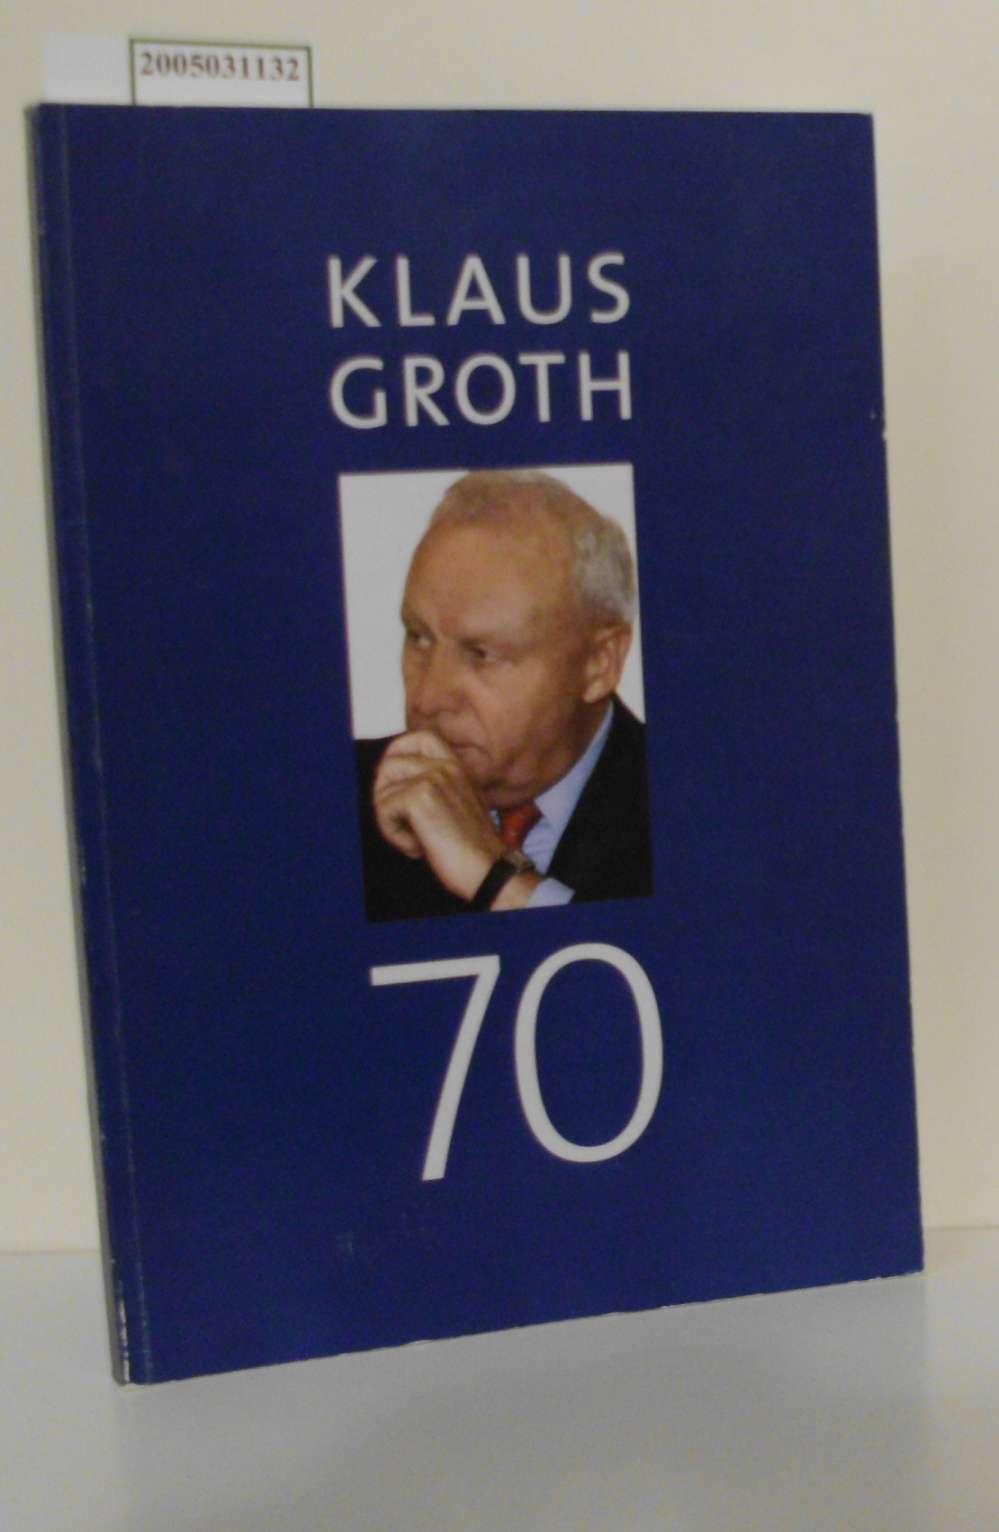 Klaus Groth 70 Festschrift zum 70. Geburtstag